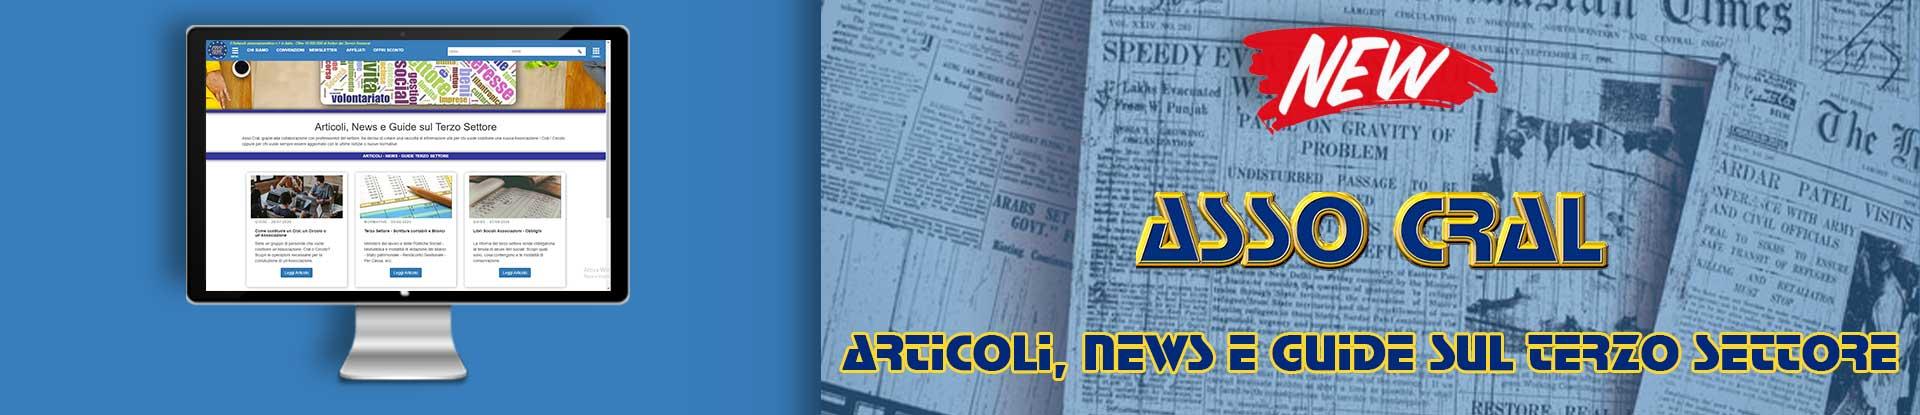 Articoli, news e guide sul terzo settore